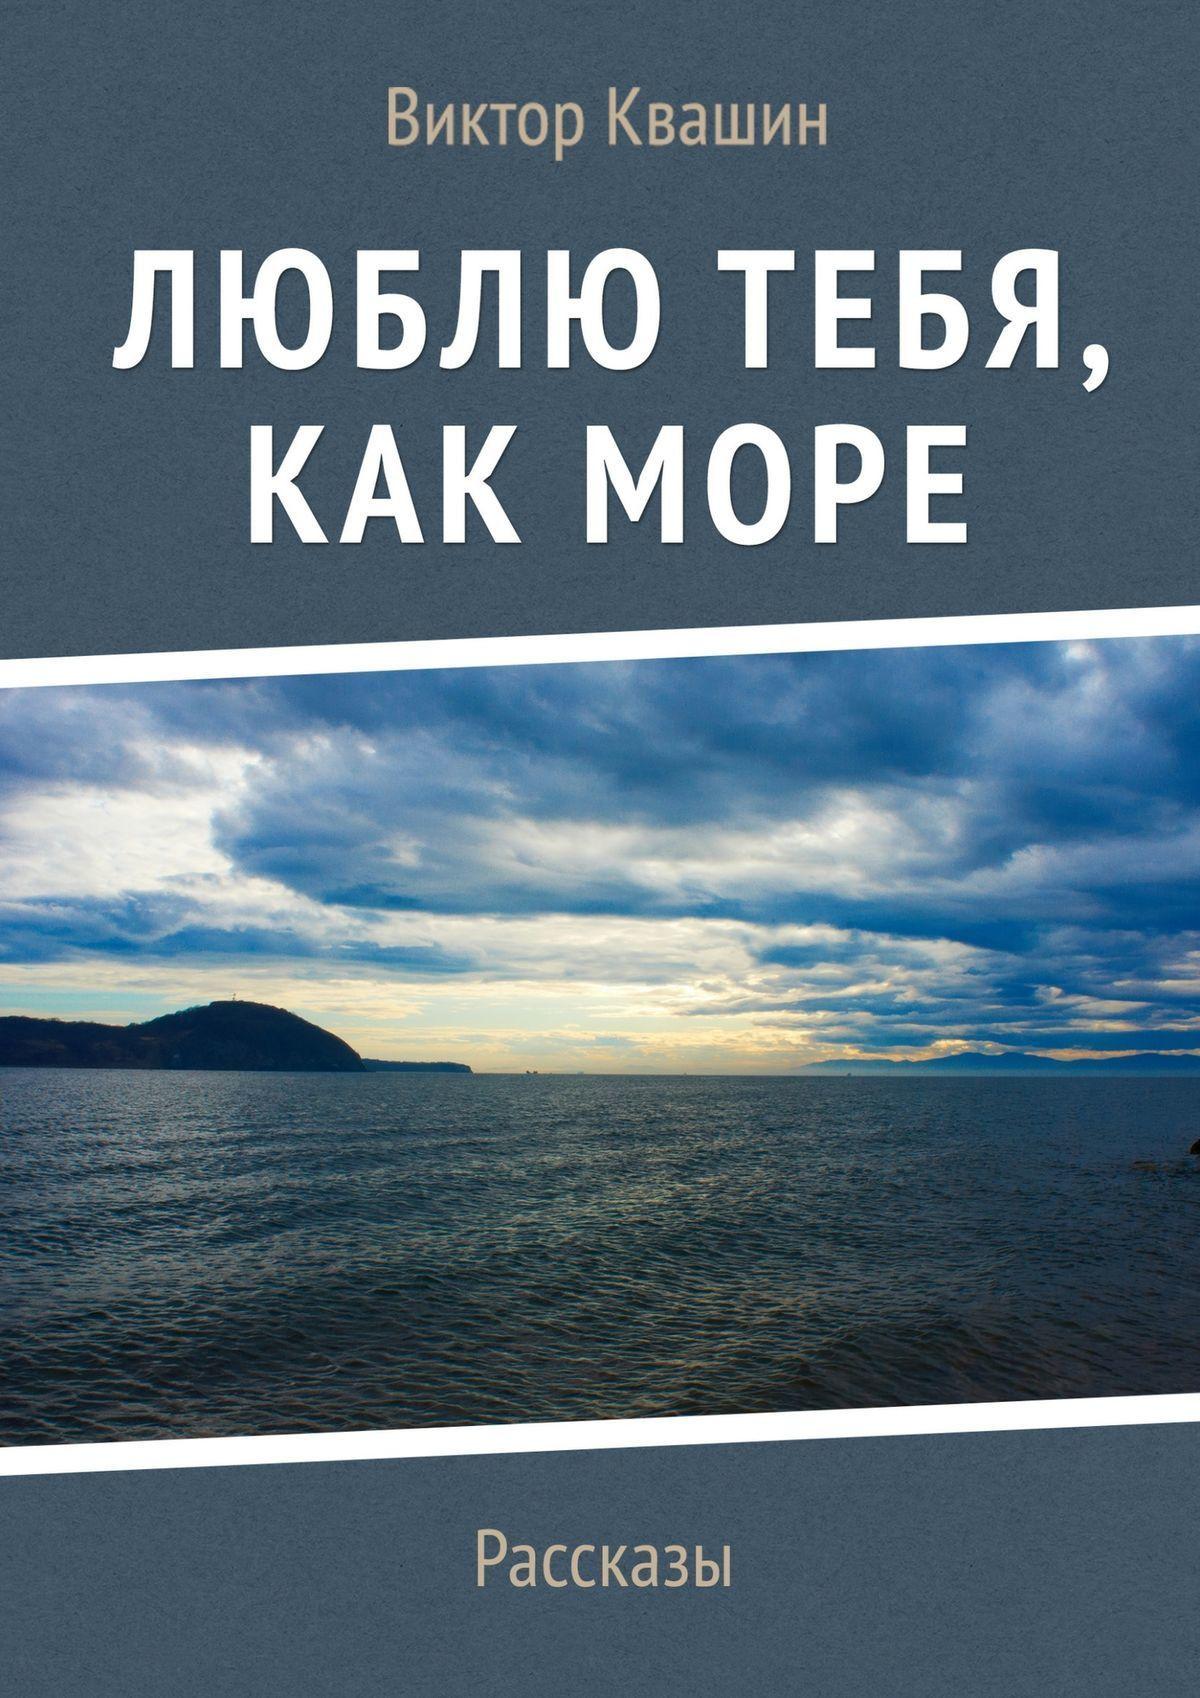 Виктор Квашин Люблю тебя, как Море. Рассказы виктор квашин мудрое море сказки